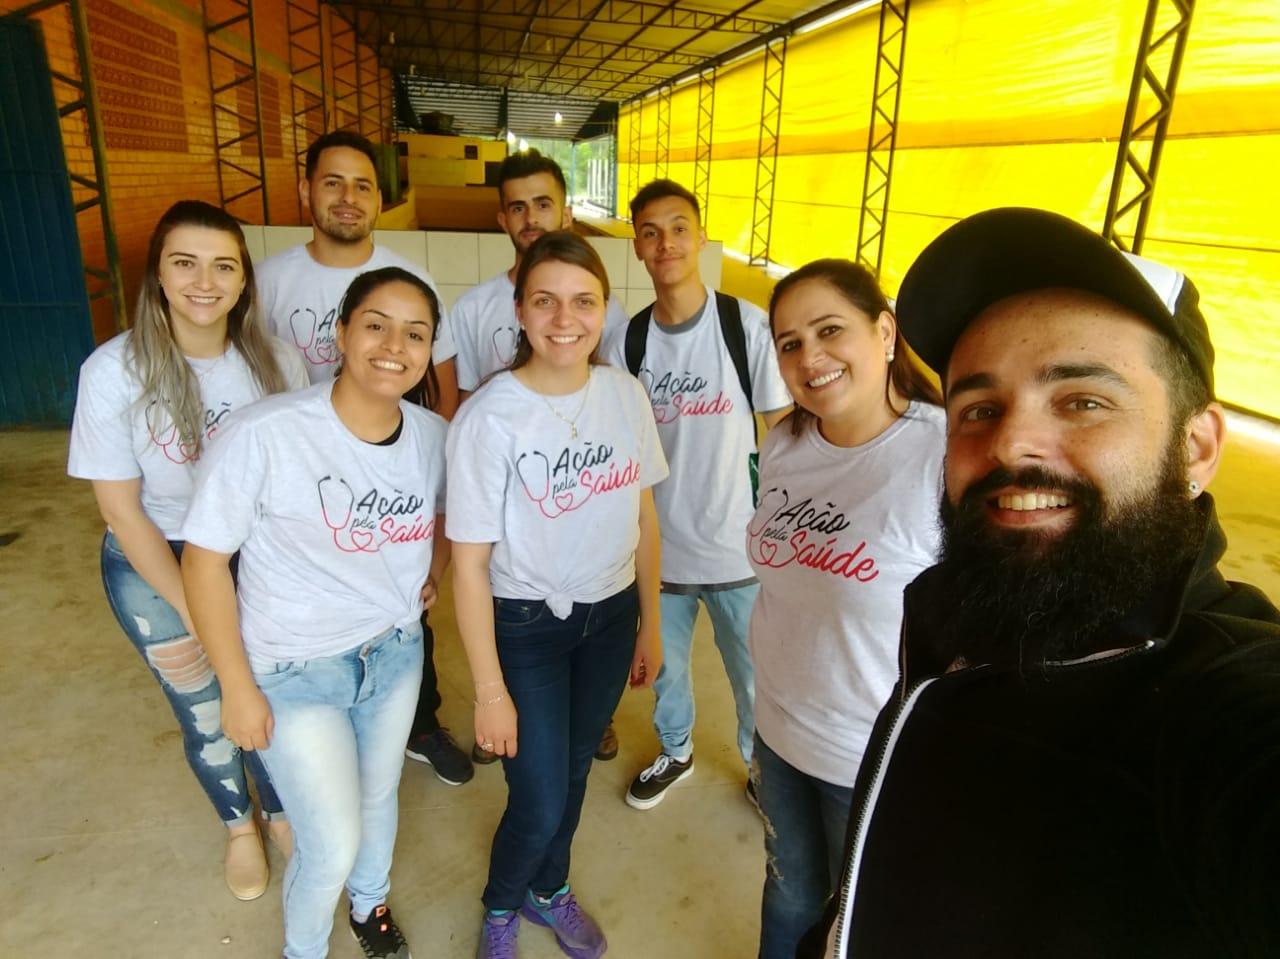 Flor do Sertão e entidades realizam o evento Ação Pela Saúde